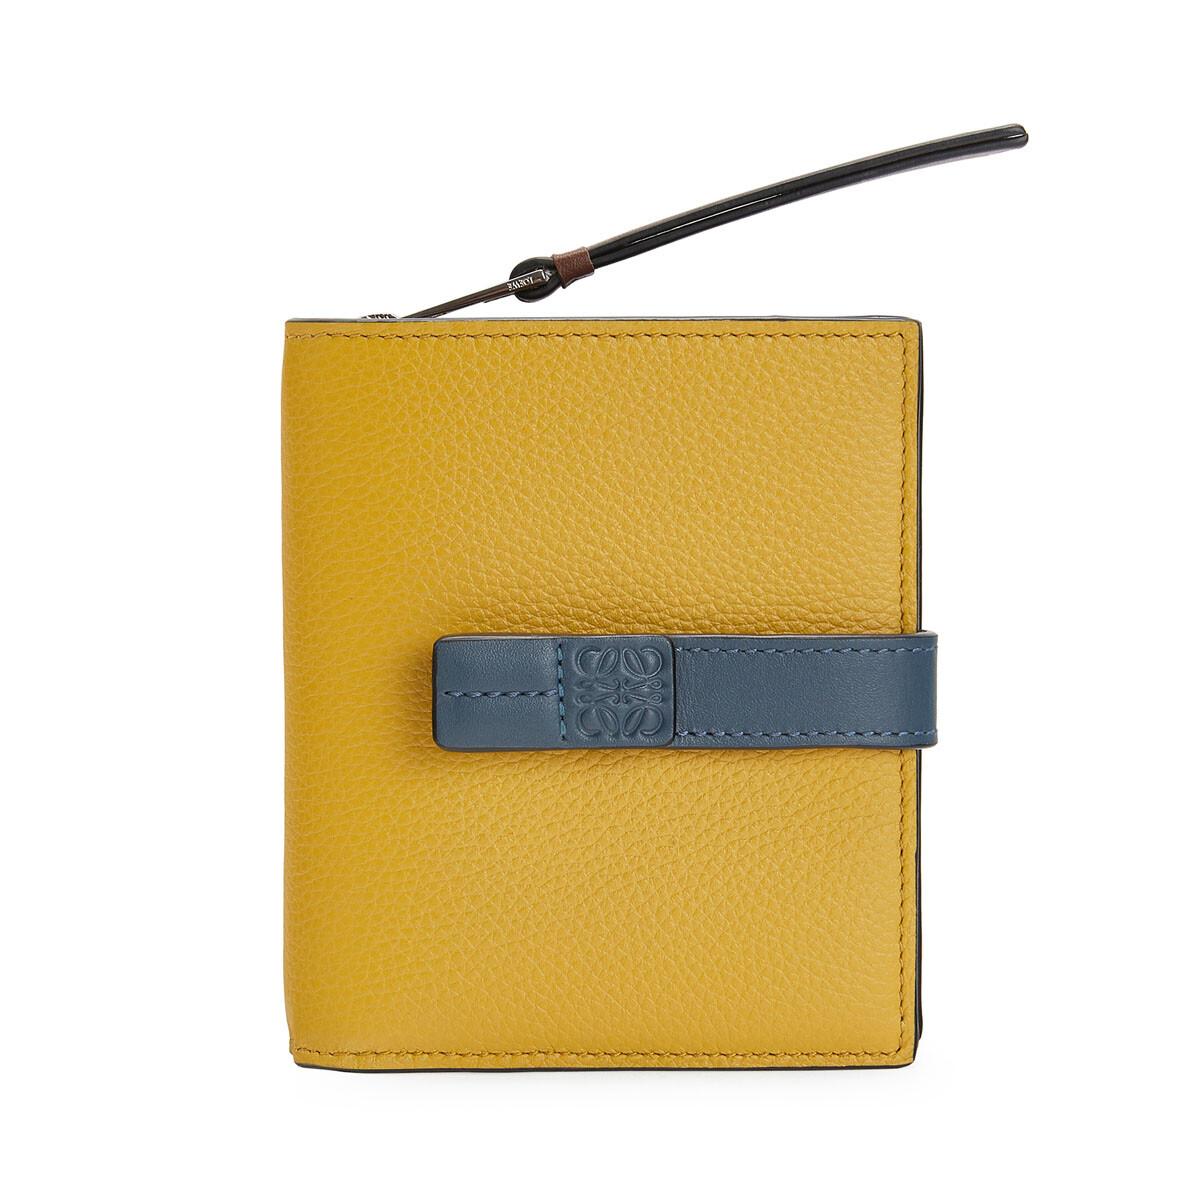 LOEWE Compact Zip Wallet Ochre/Steel Blue  front